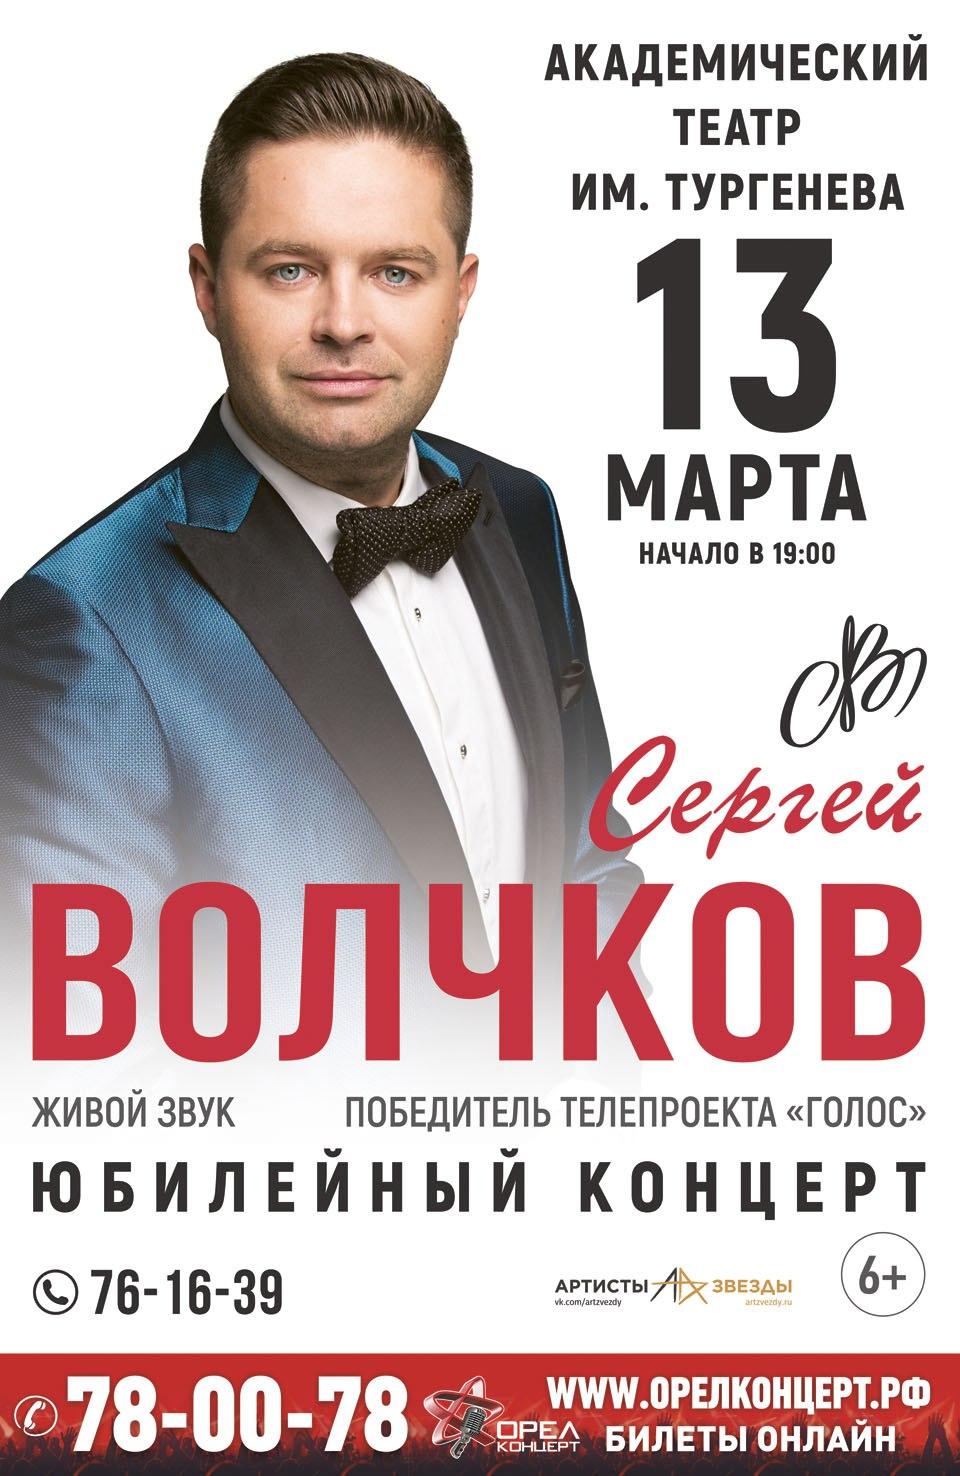 Сергей Волчков «Юбилейный концерт»